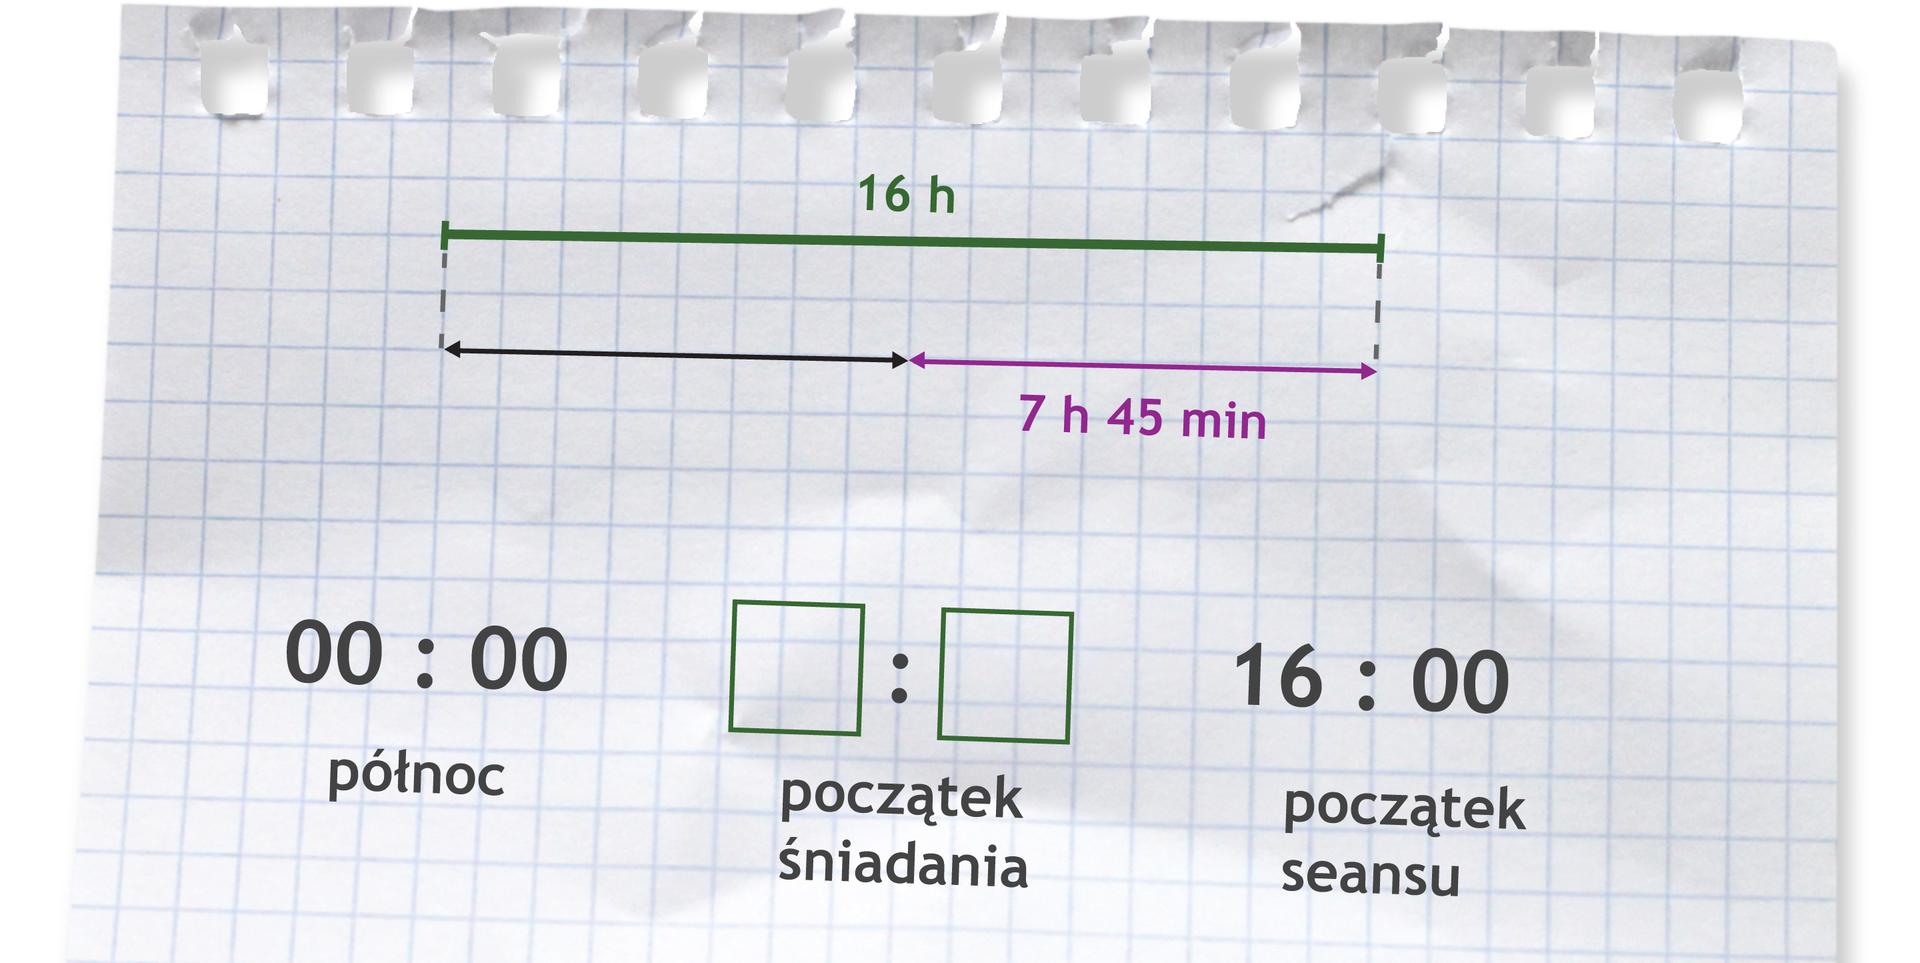 Rysunek odcinka podzielonego na dwie równe części. Pod drugą częścią napisane 7 h45 min. Nad odcinkiem napisane 16 h. Zapis 00:00 (północ), początek śniadania, 16:00 (początek seansu).